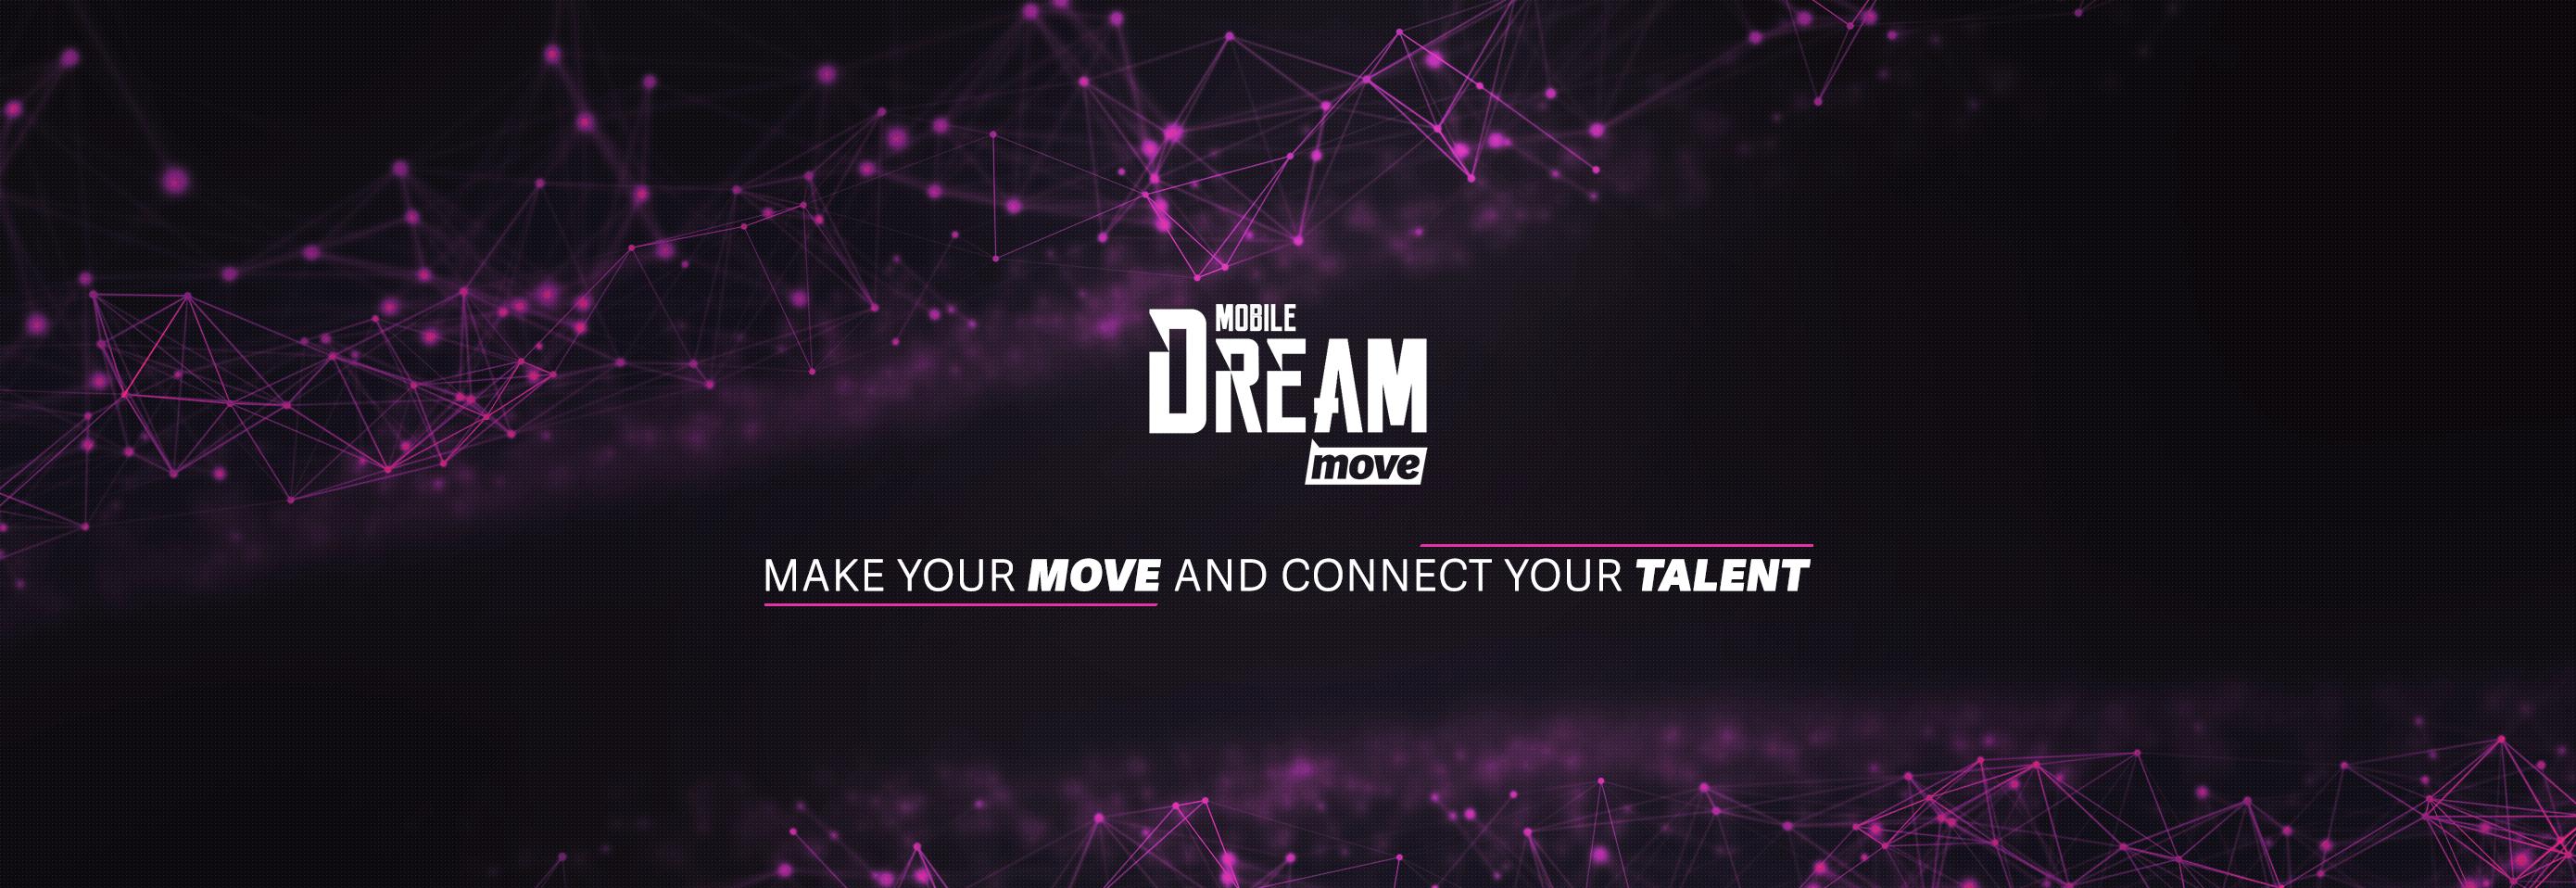 Movile Mobile Dream move